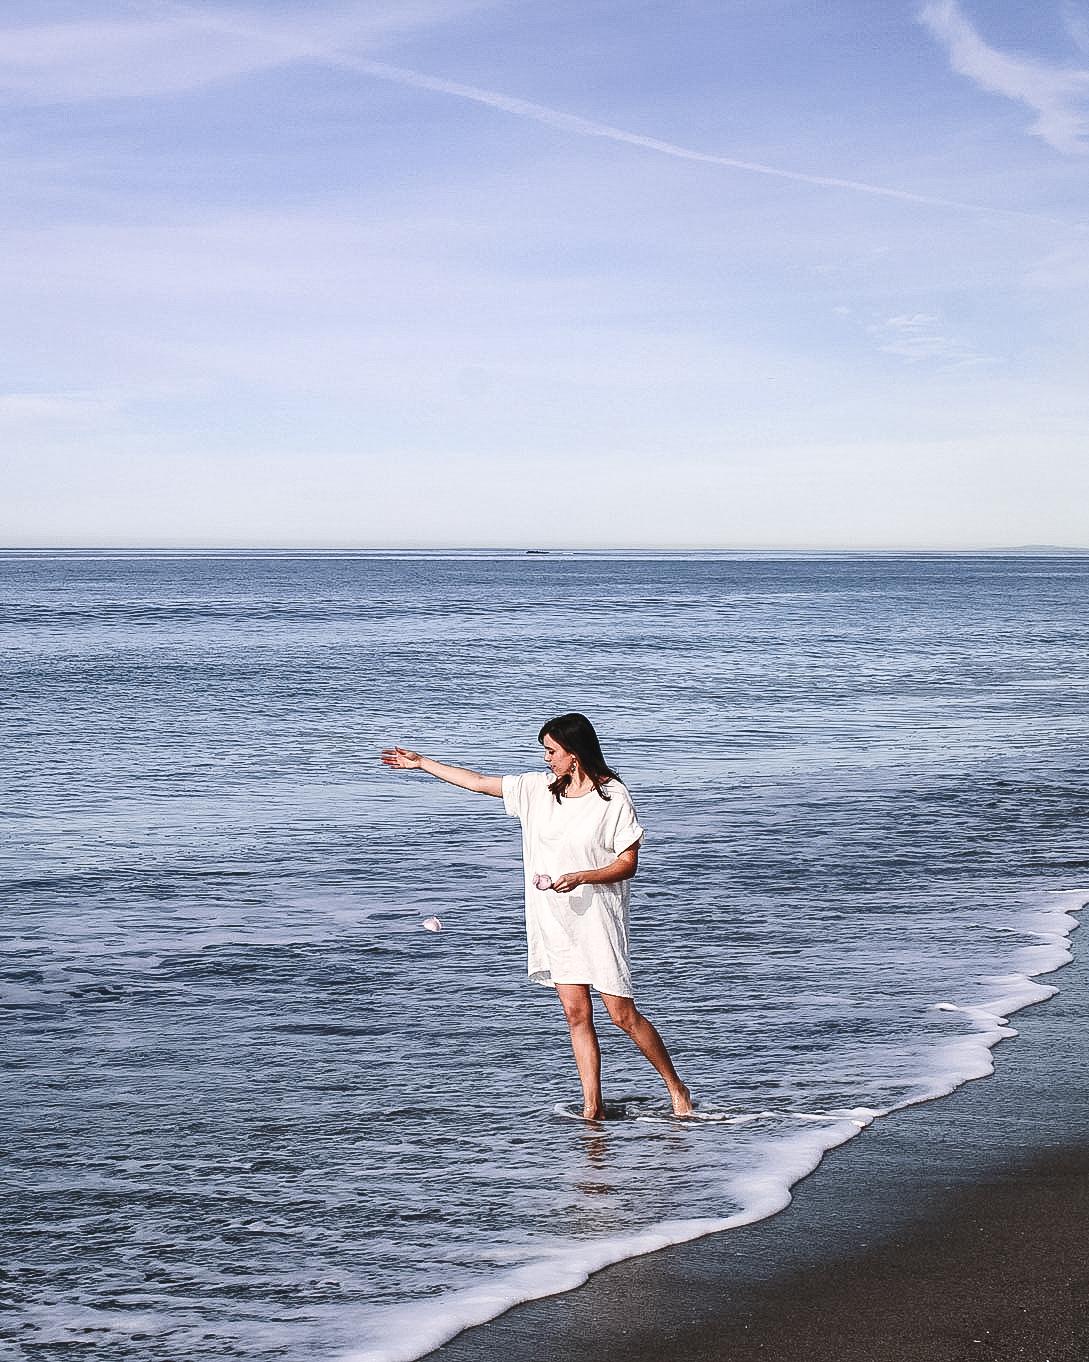 Sarah Warm Sunny Beach Santa Cruz (6 of 11).JPG